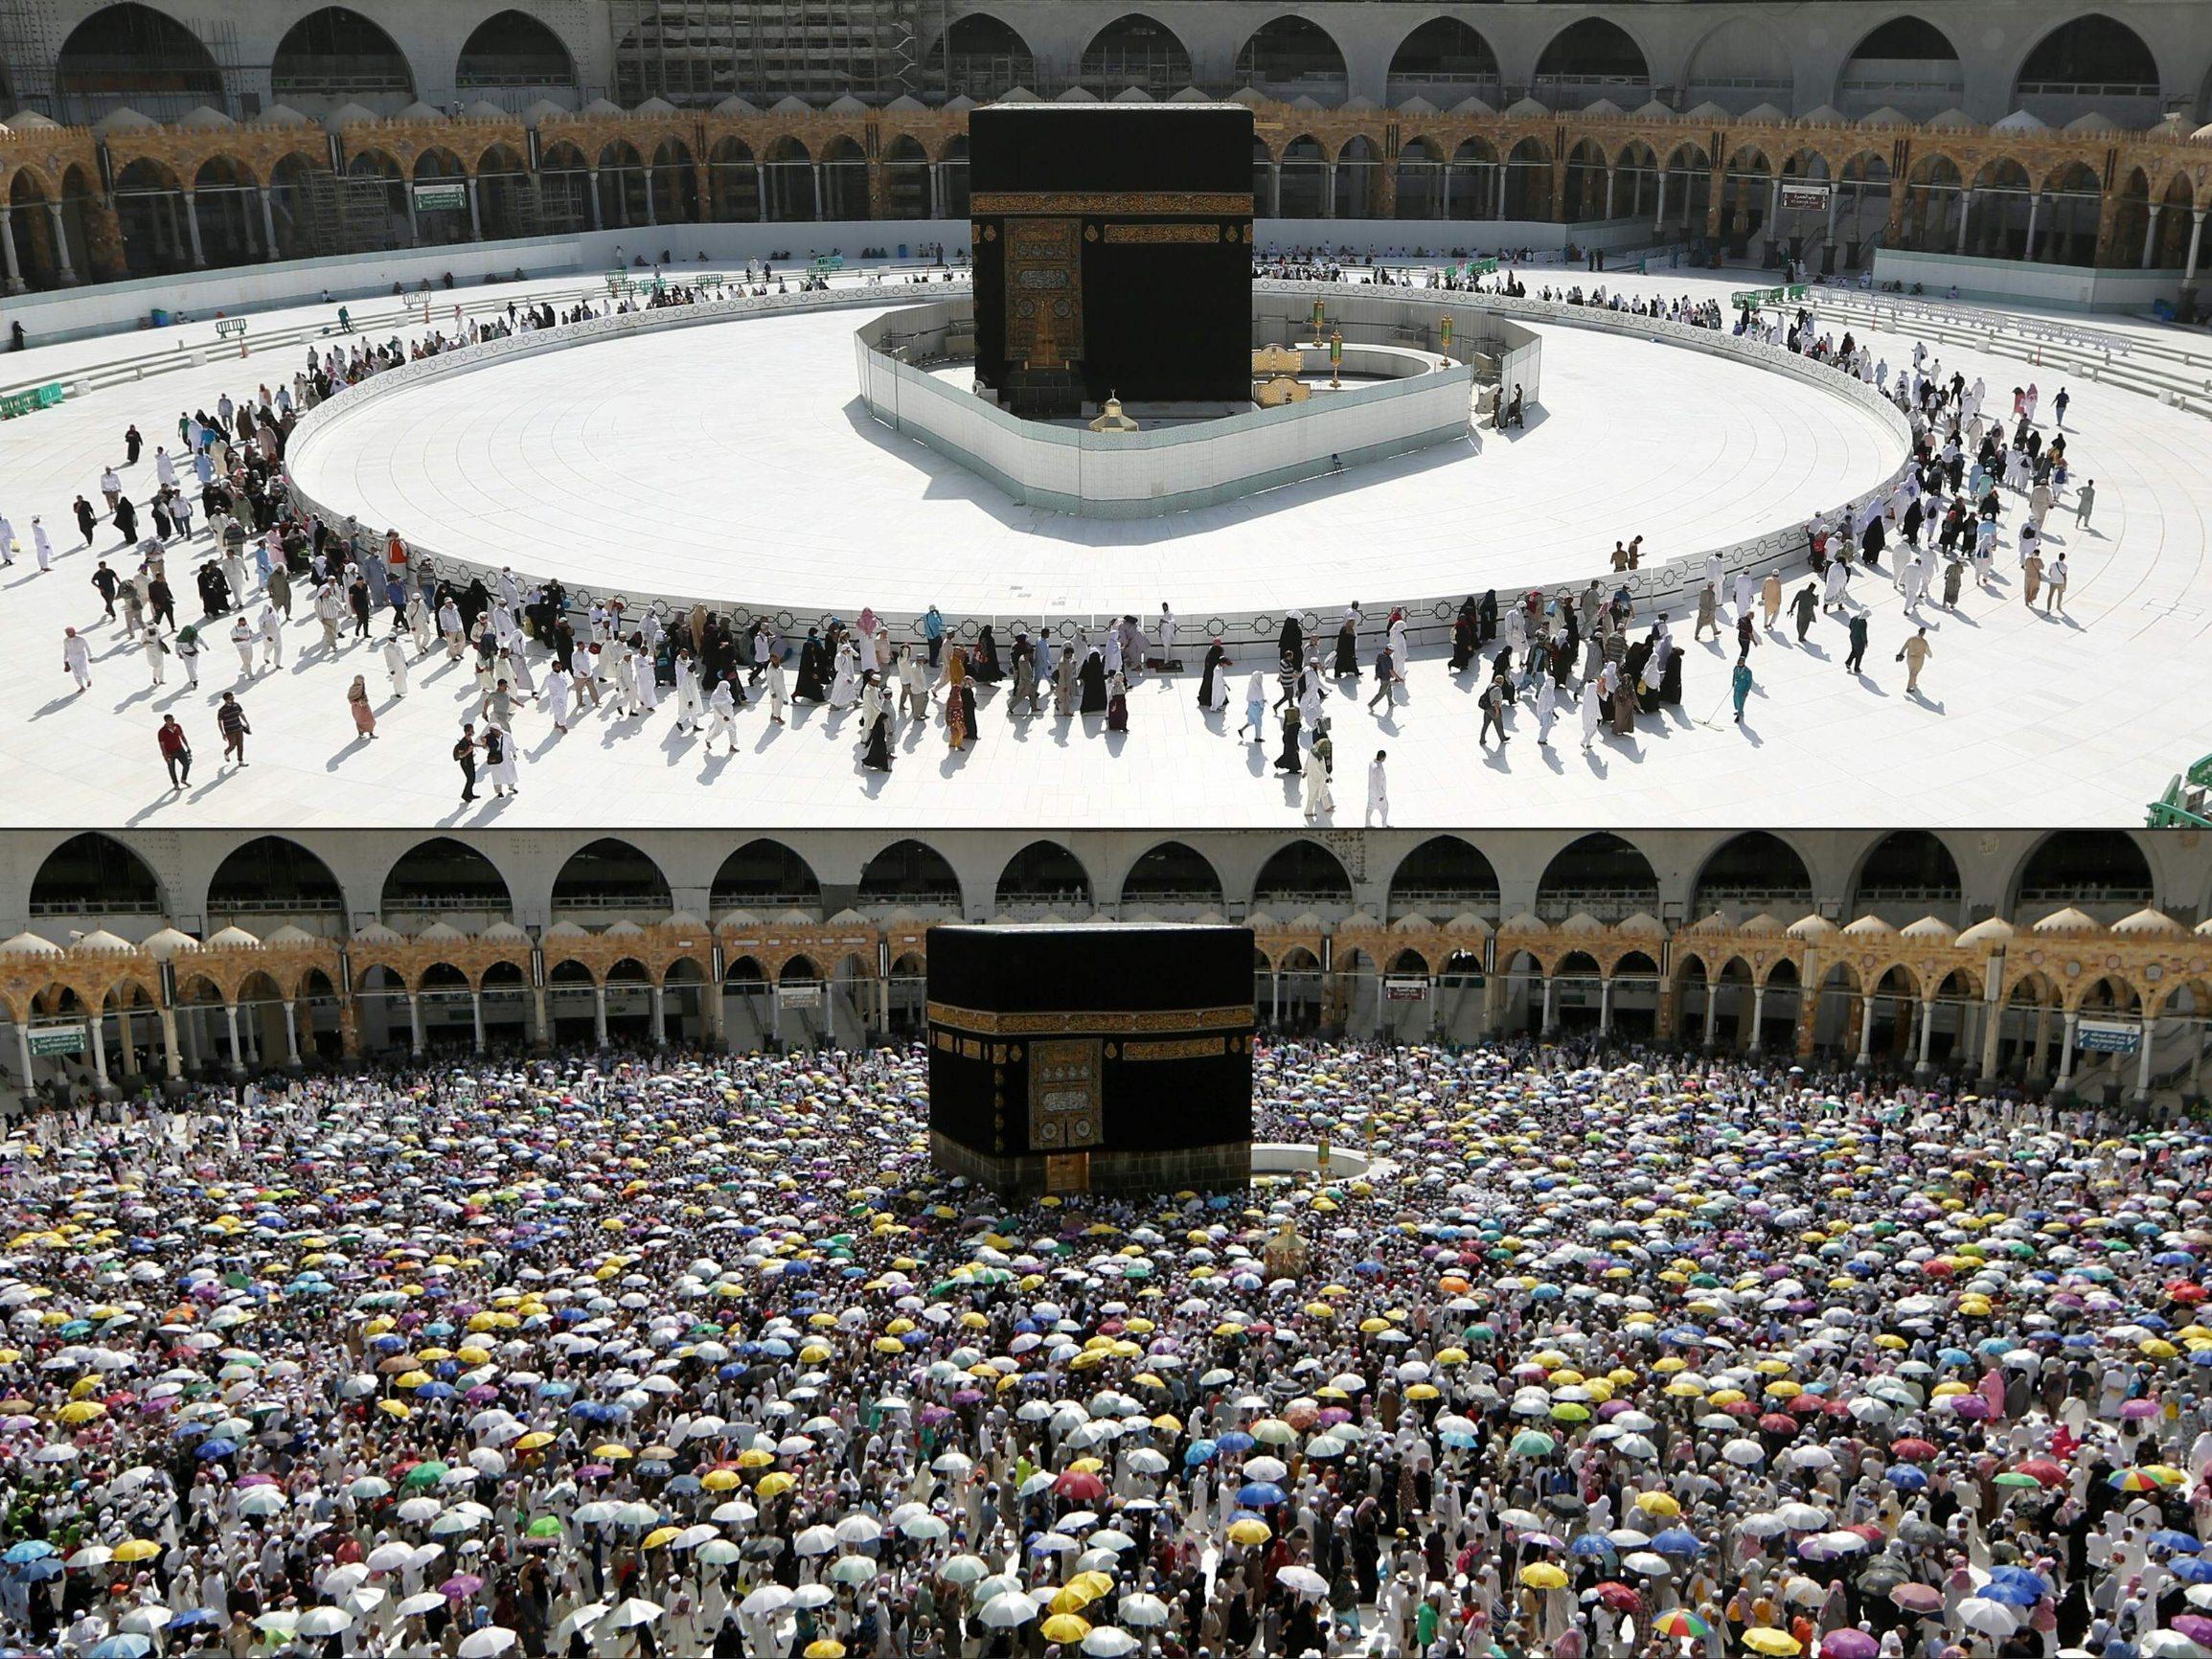 Meka u ožujku 2020. (gore) i u kolovozu 2019. (dolje)